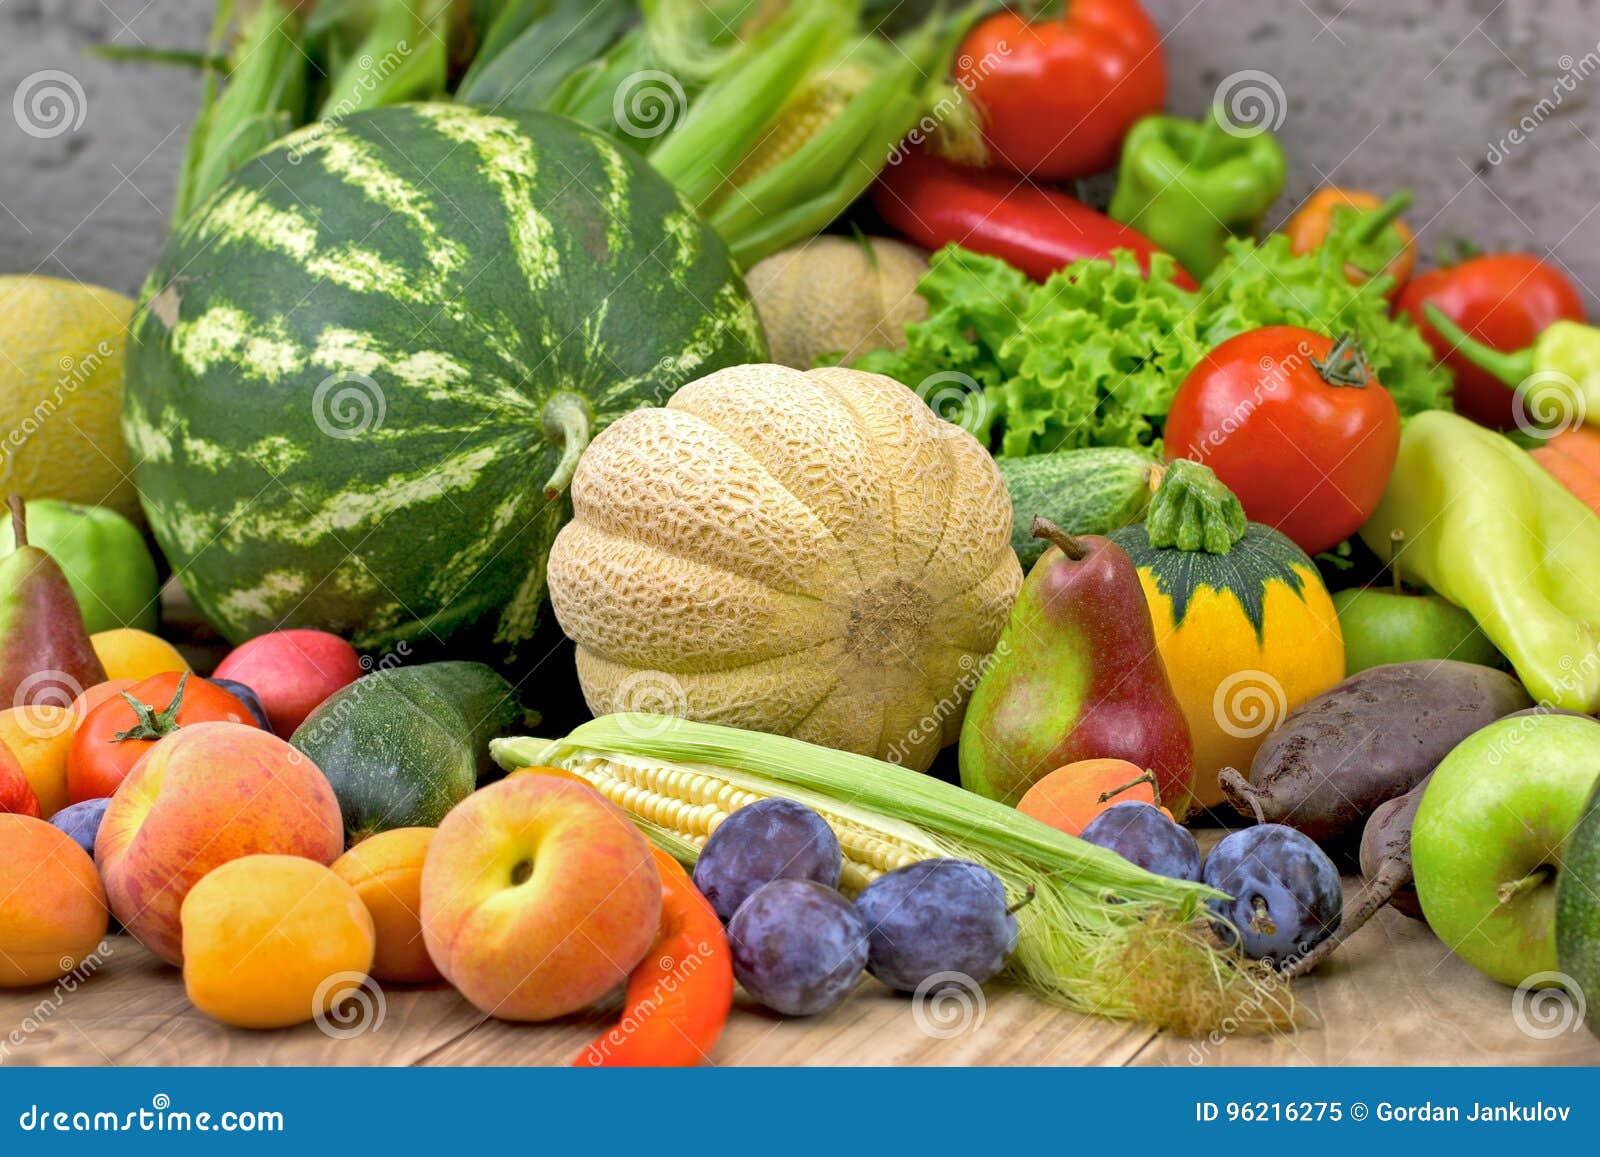 Essen Des Gesunden Lebensmittels Der Diat Mit Frischem Organischem